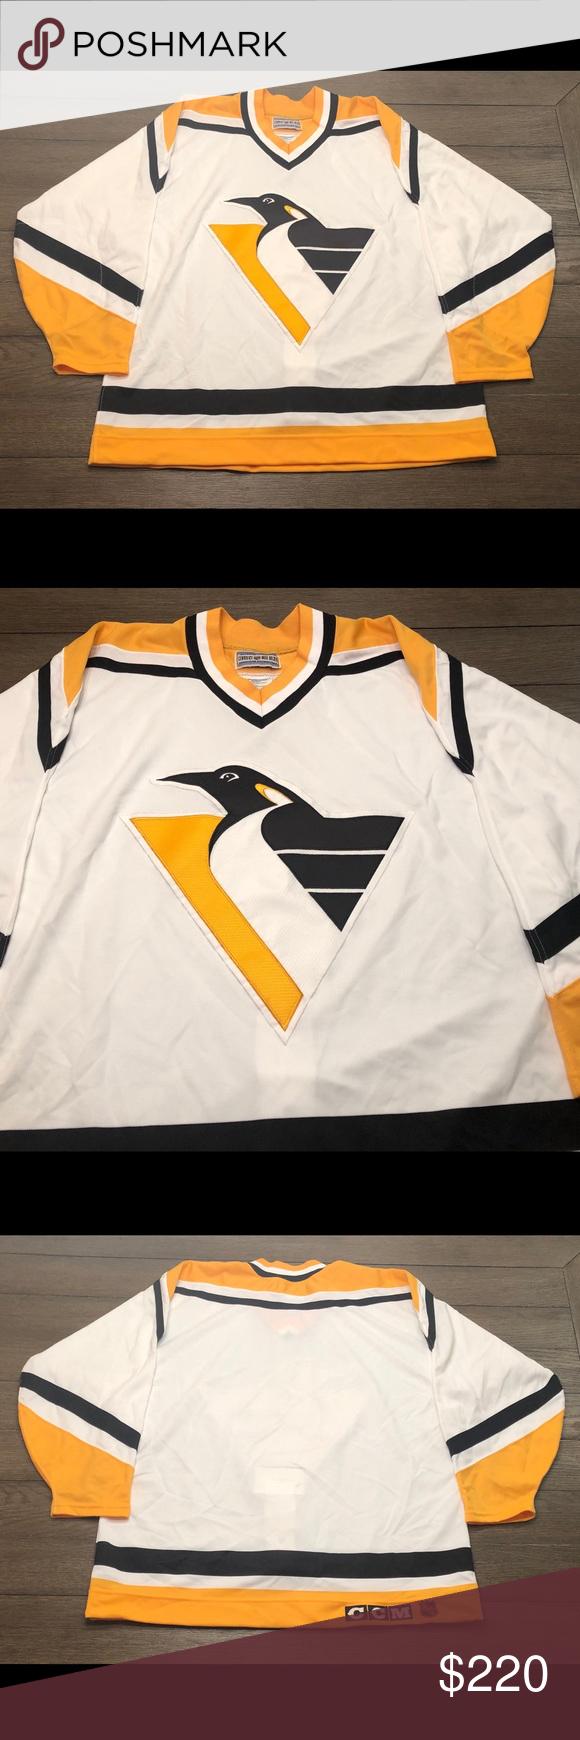 best website c7553 1d420 Vintage CCM Authentic Pittsburgh Penguins Jersey Vintage 90s ...